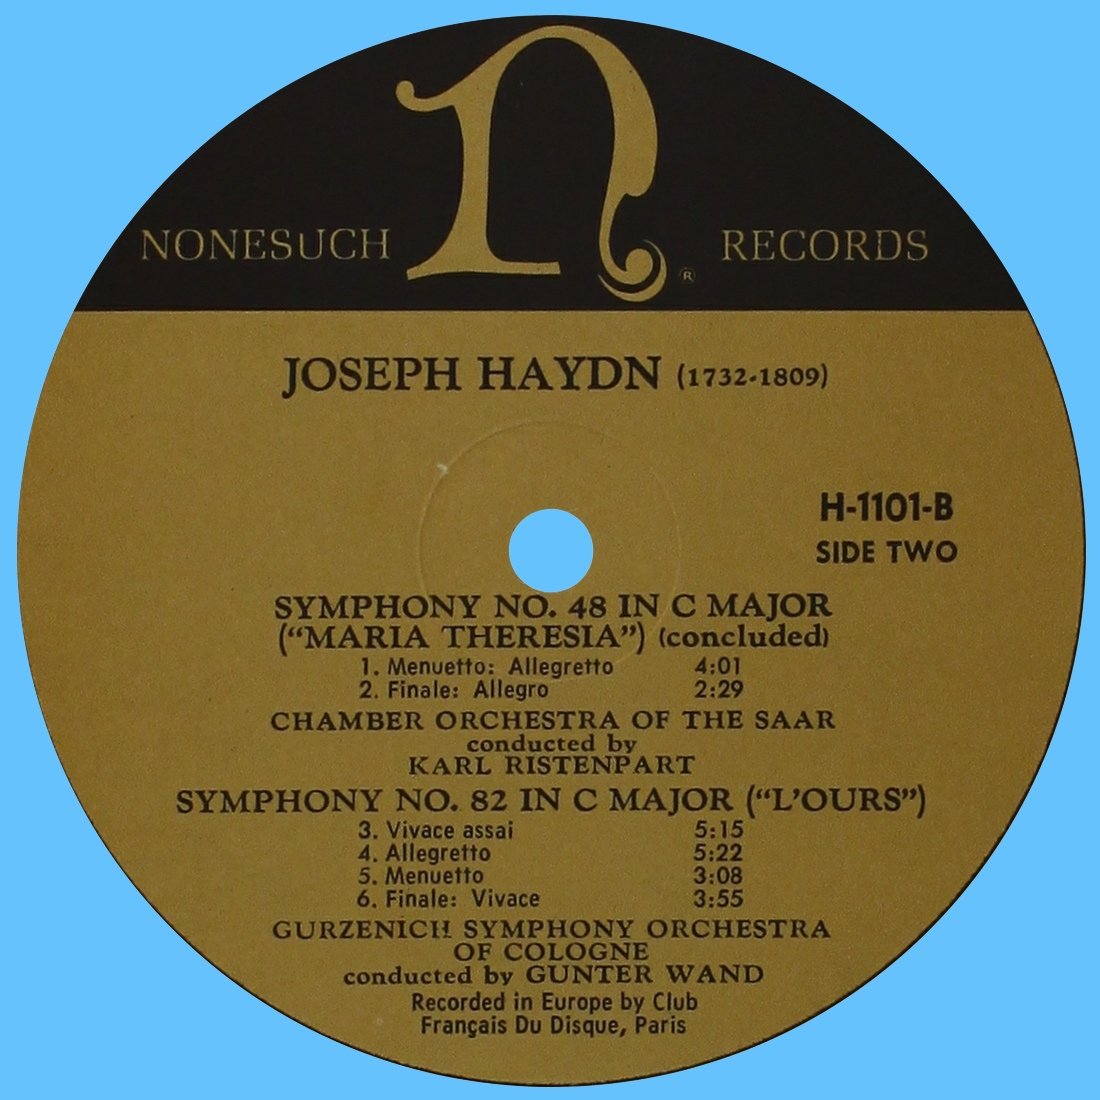 Étiquette verso du disque Nonesuch H-1101